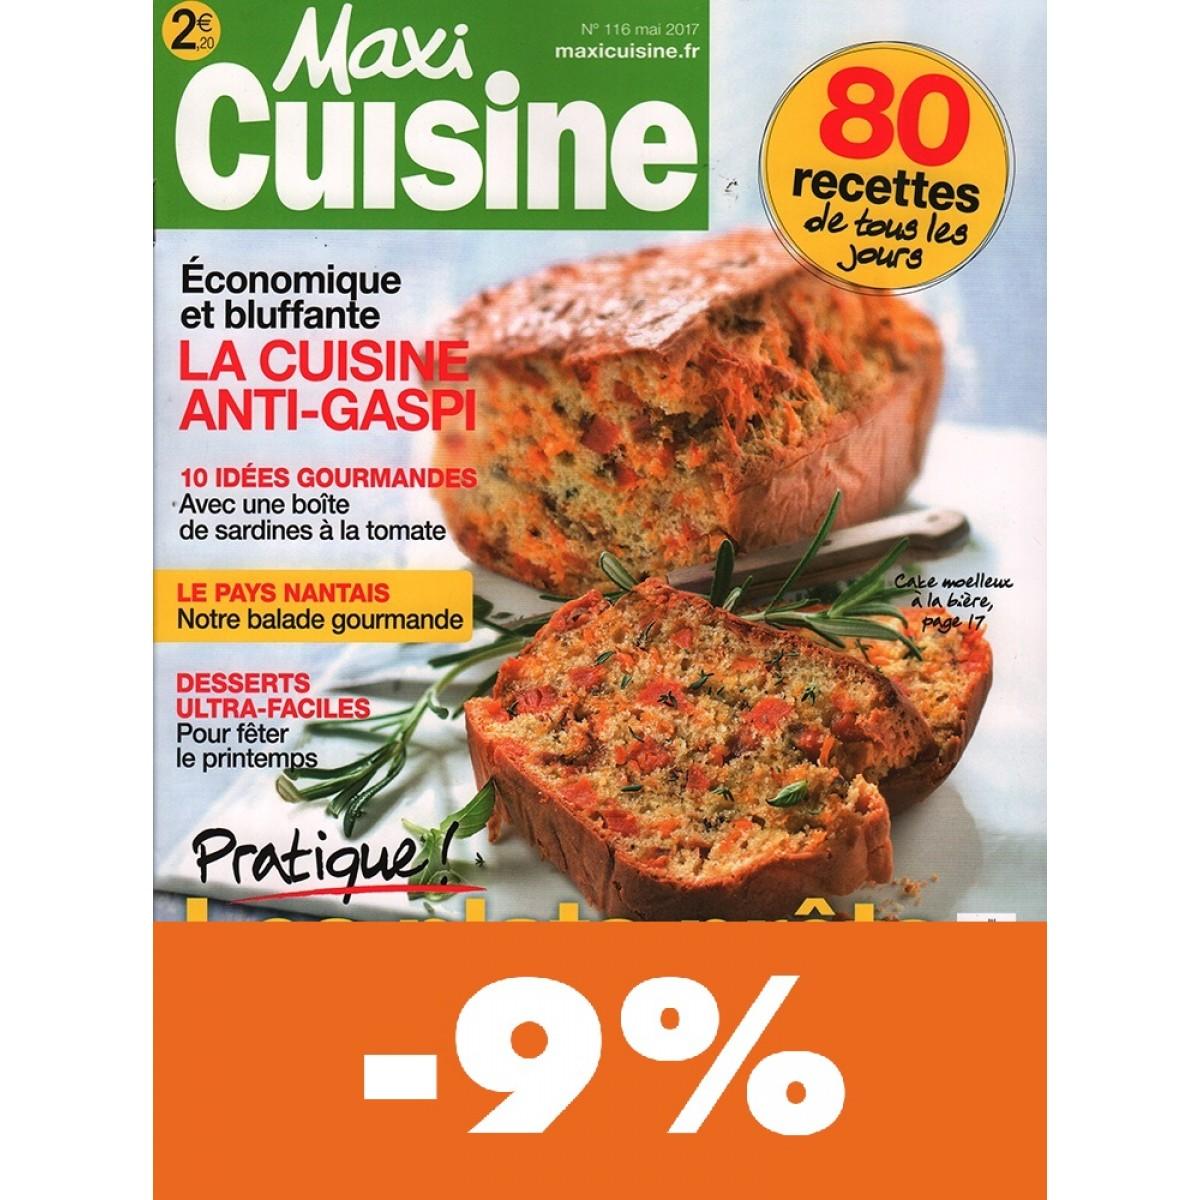 Abonnement maxi cuisine pas cher mag24 discount for Maxi cuisine abonnement